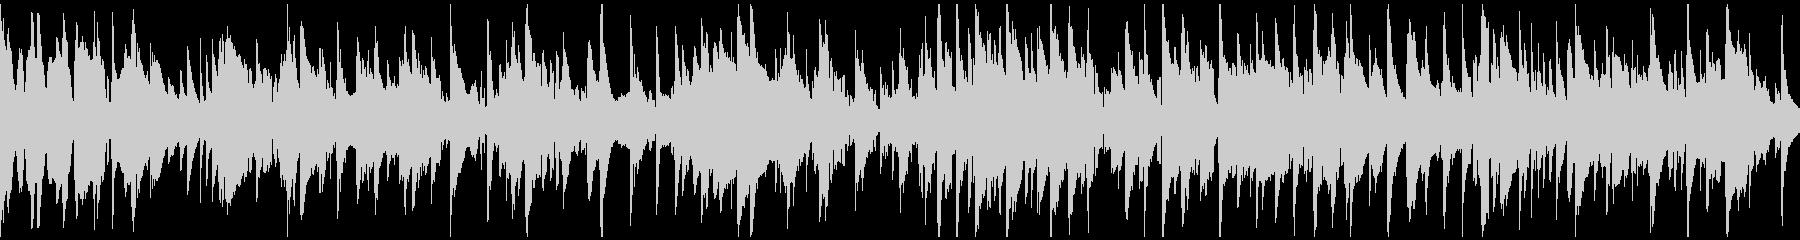 くつろぎのジャズバラード ※ループ仕様版の未再生の波形